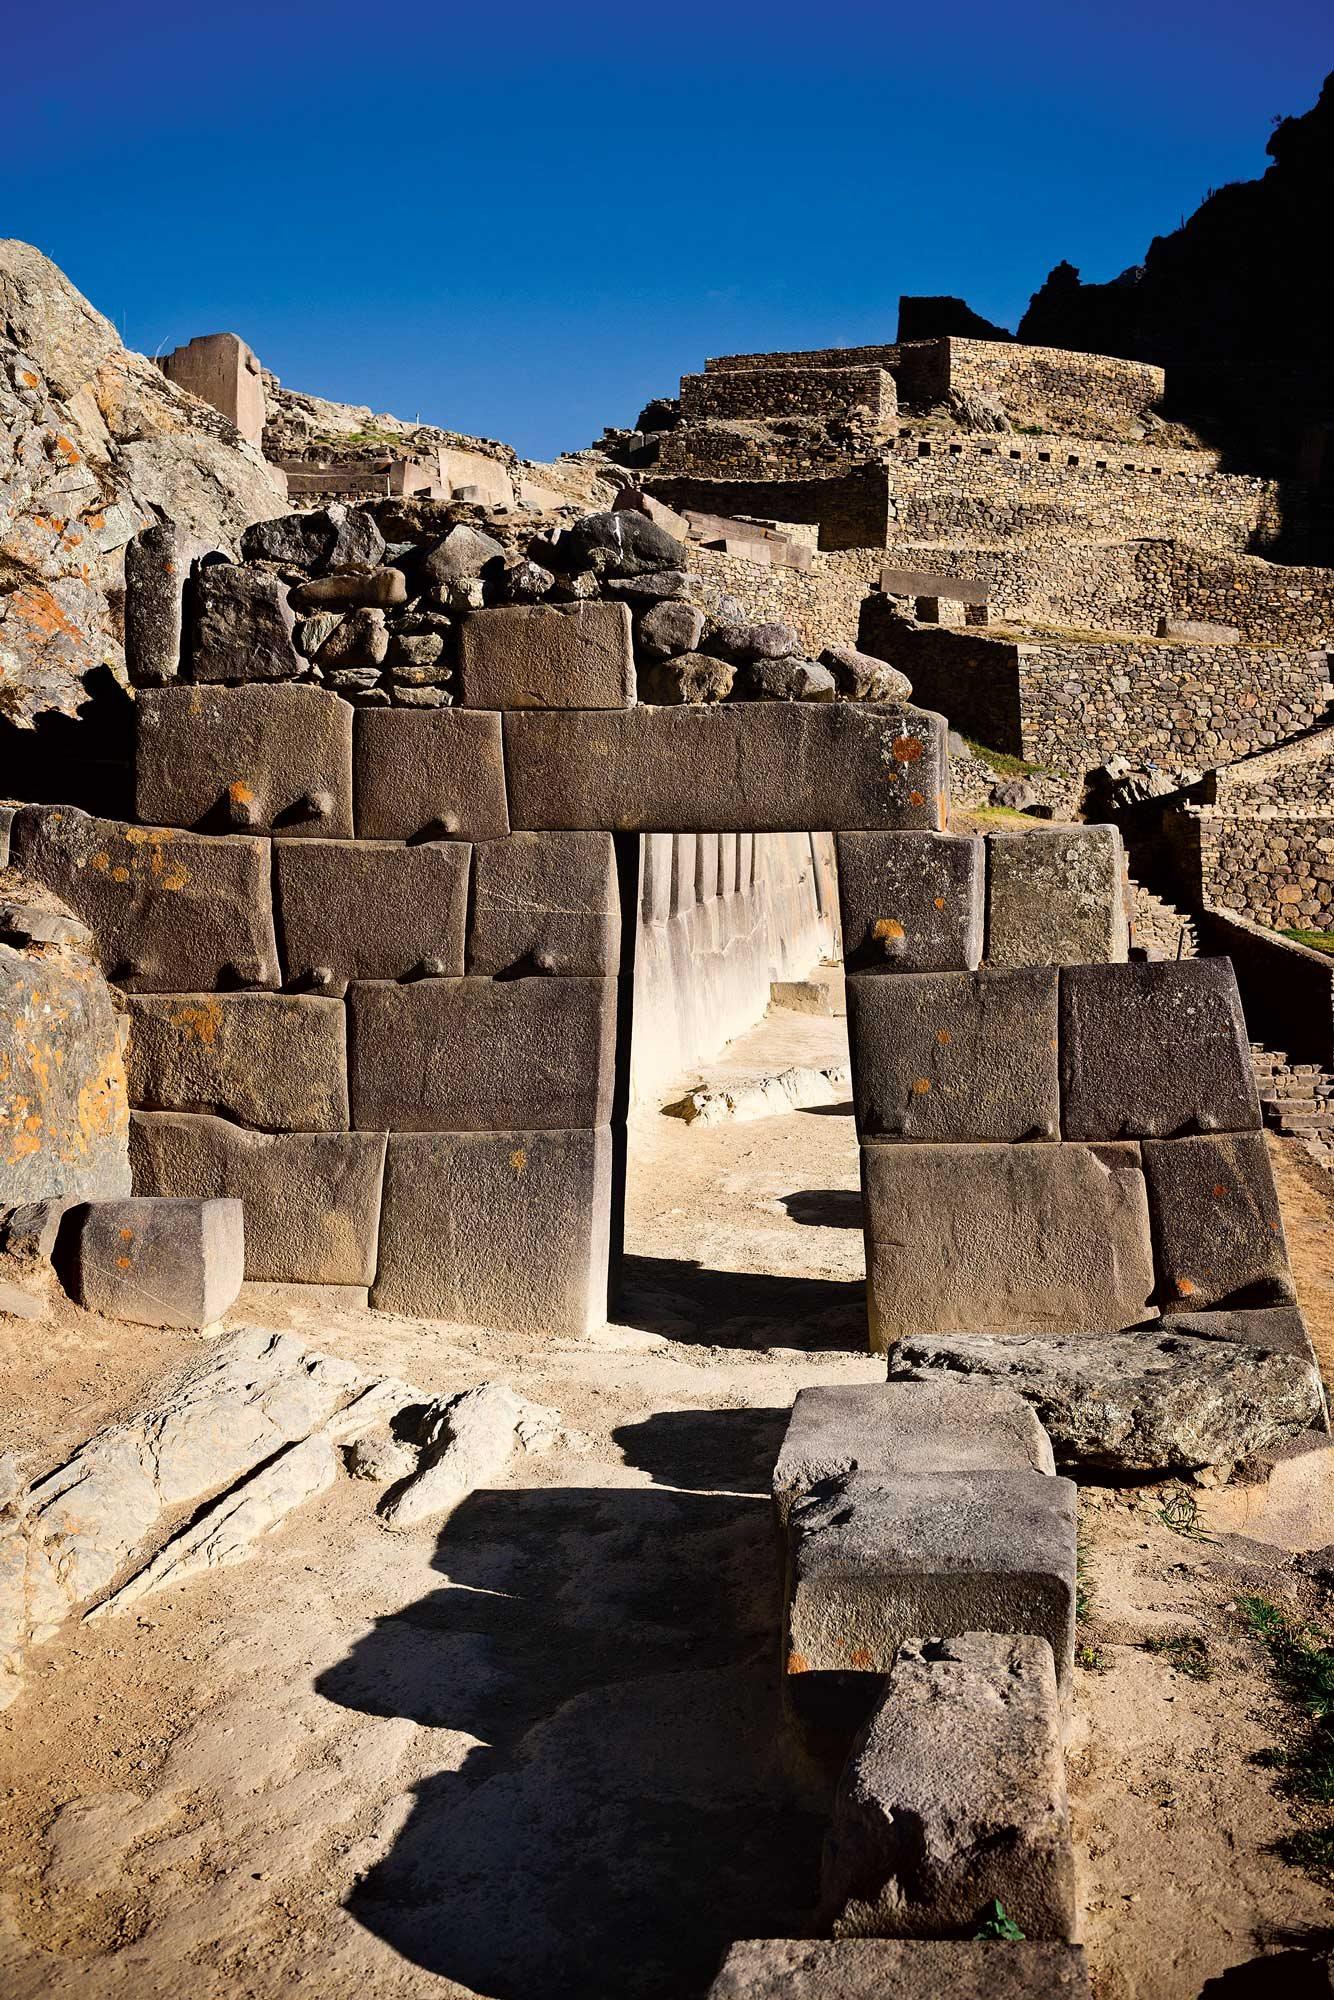 141 Incas 6. La ciudadela de Ollantaytambo